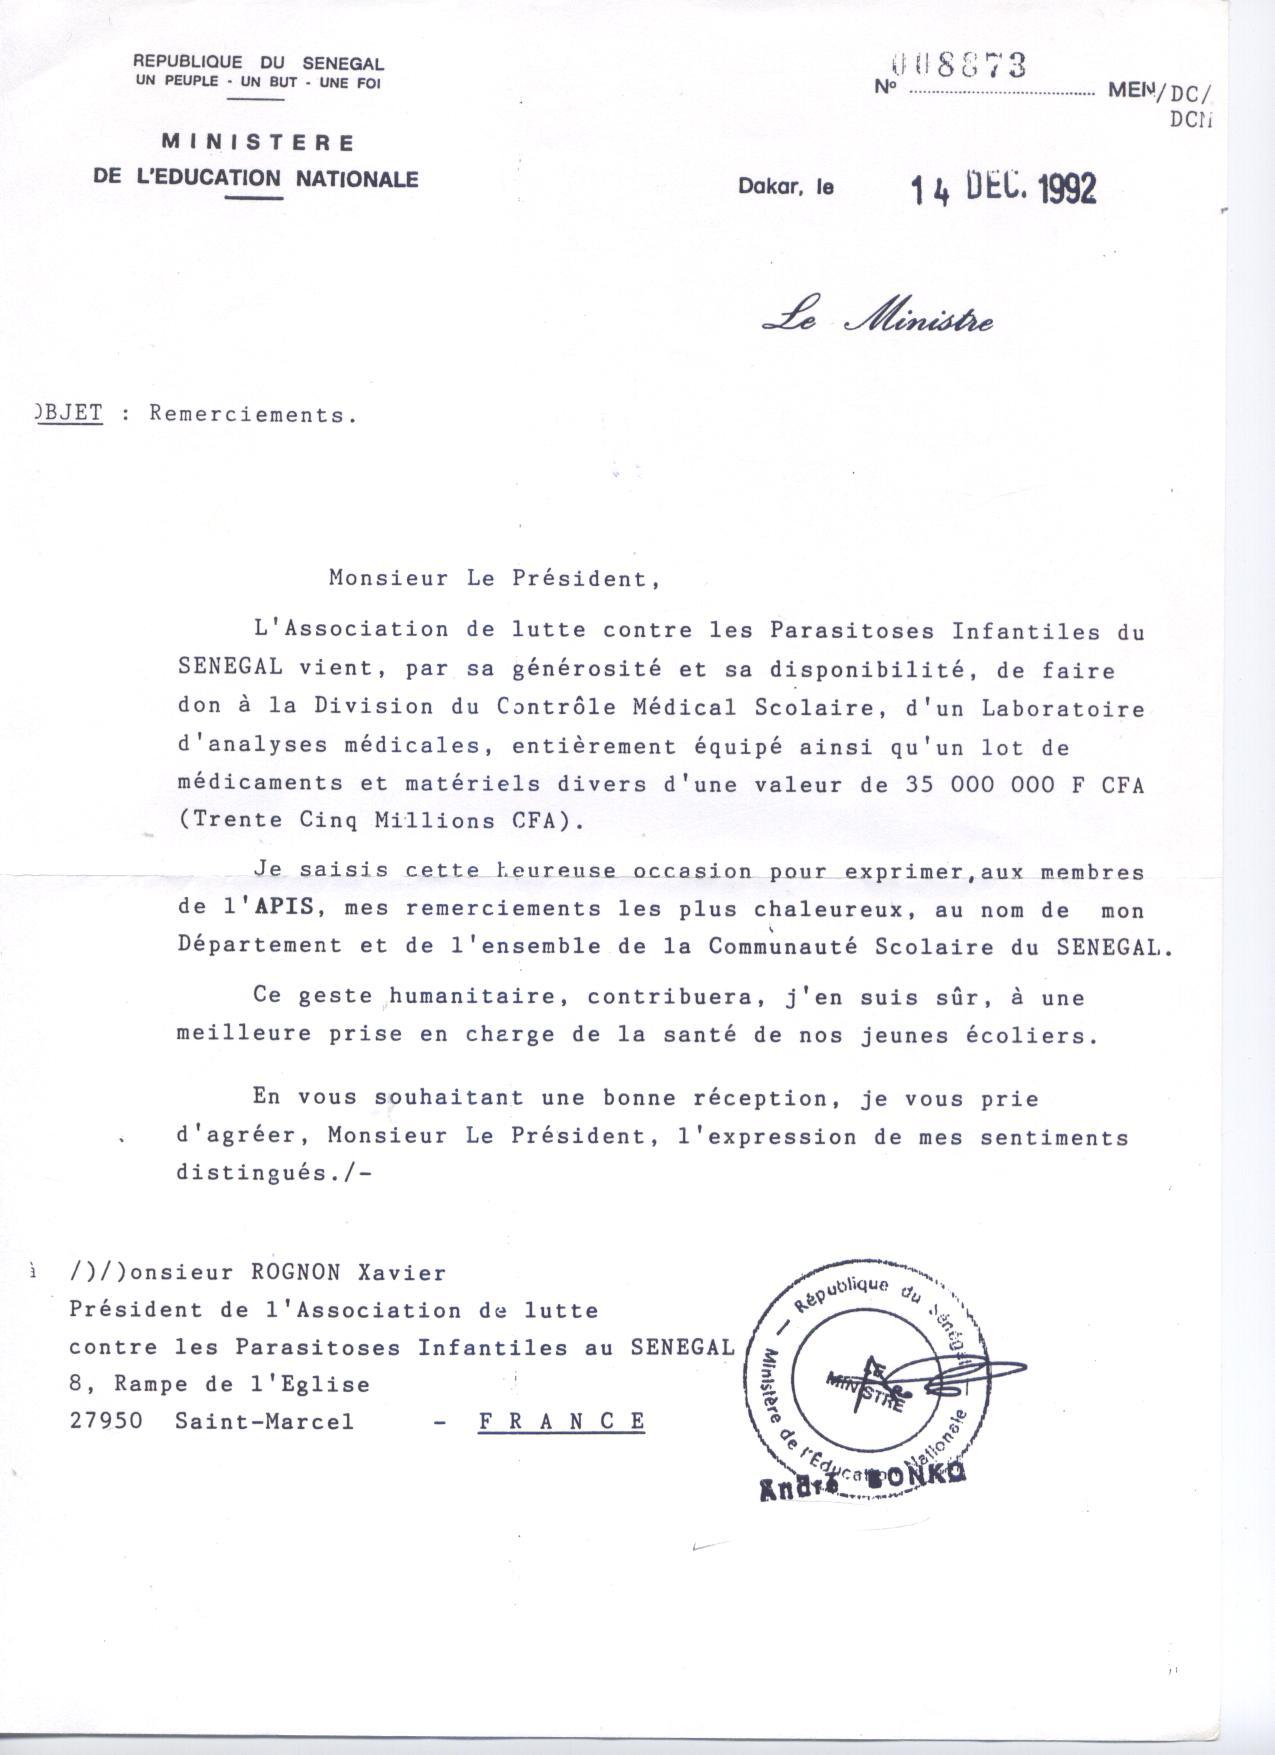 Remerciement ministere de l education nationale du senegal